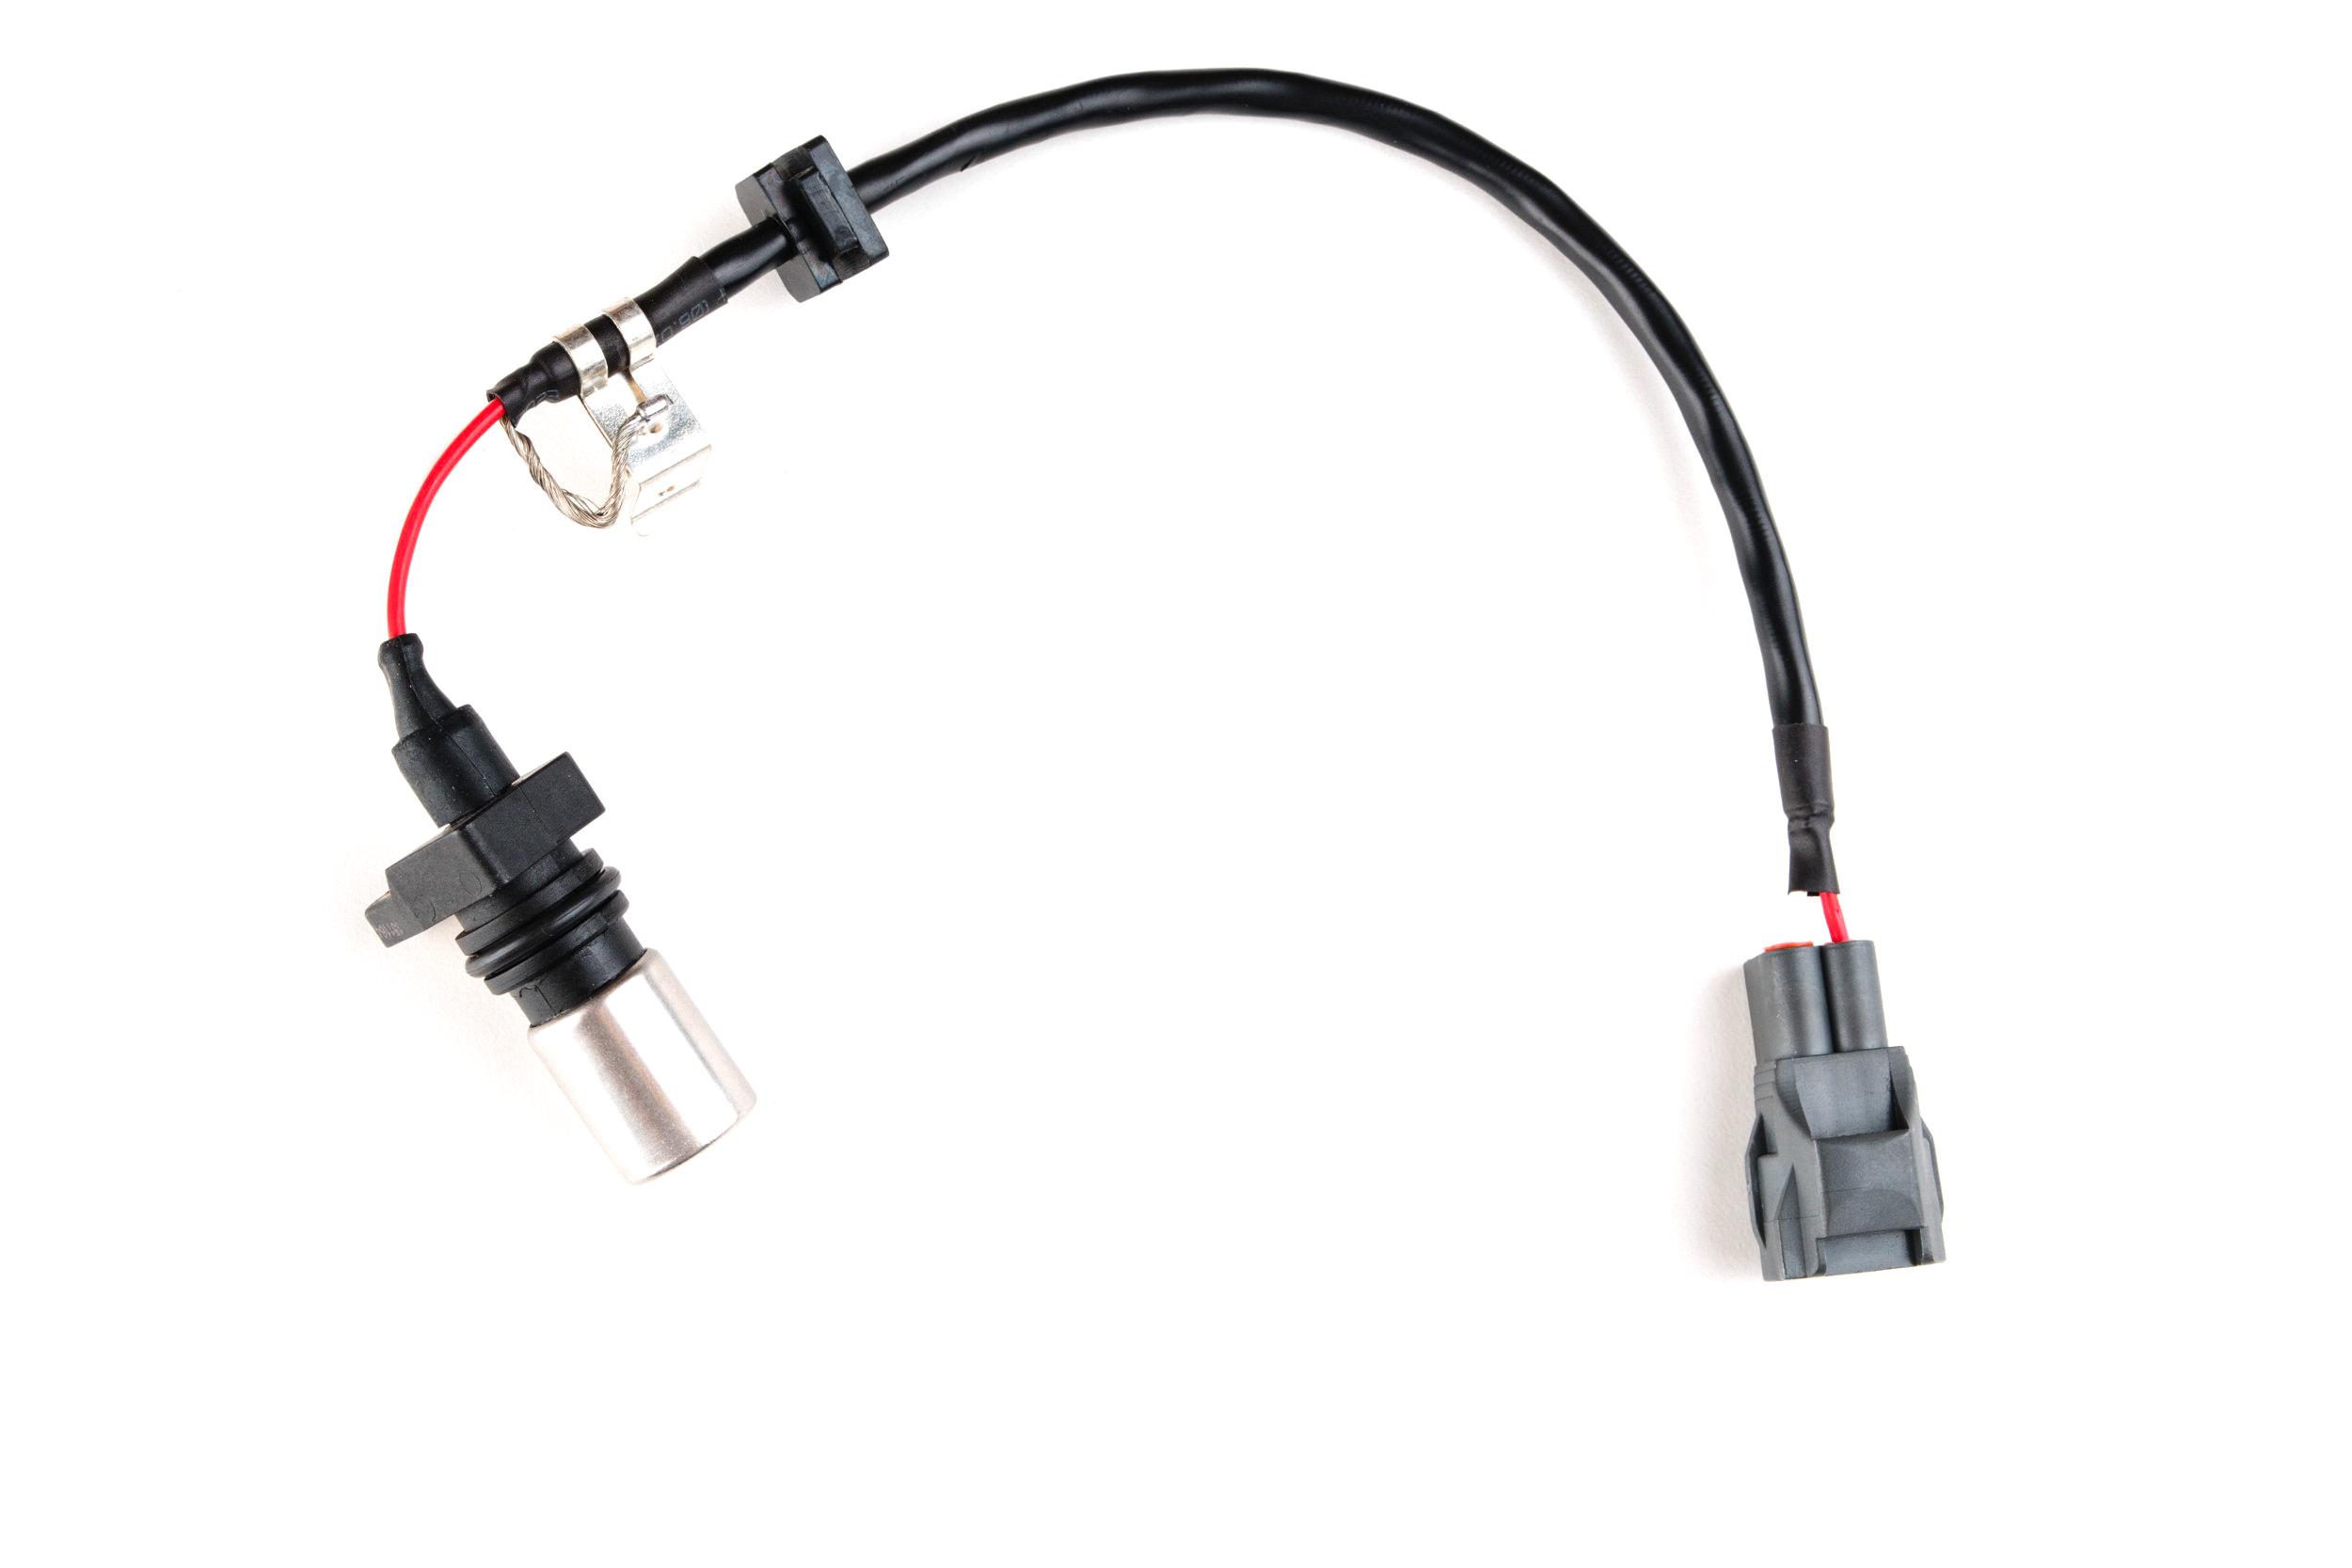 Holstein Camshaft Sensor2cam For Mazda Cx 9